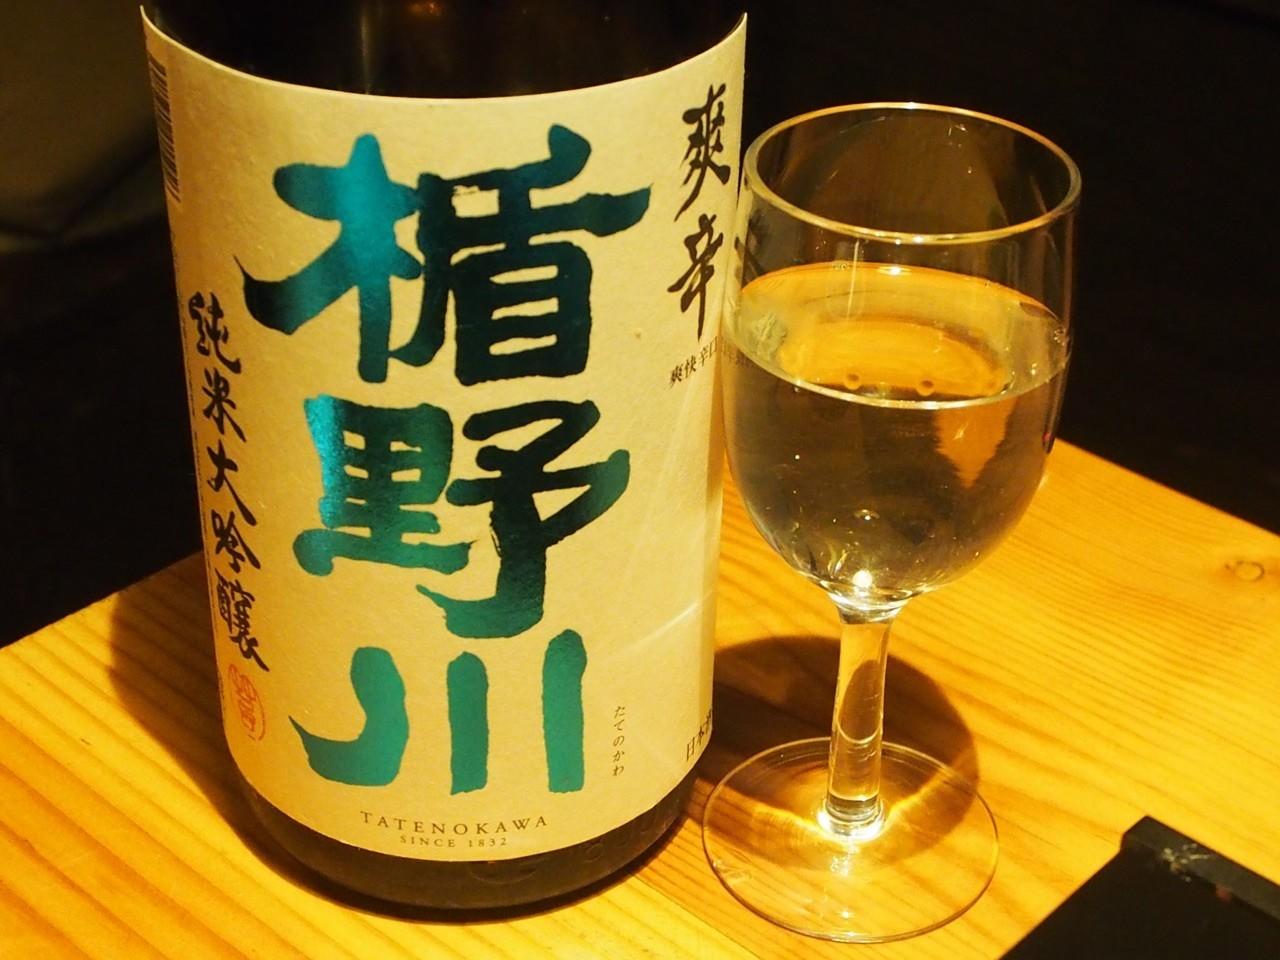 居酒屋日本酒大阪 楯野川